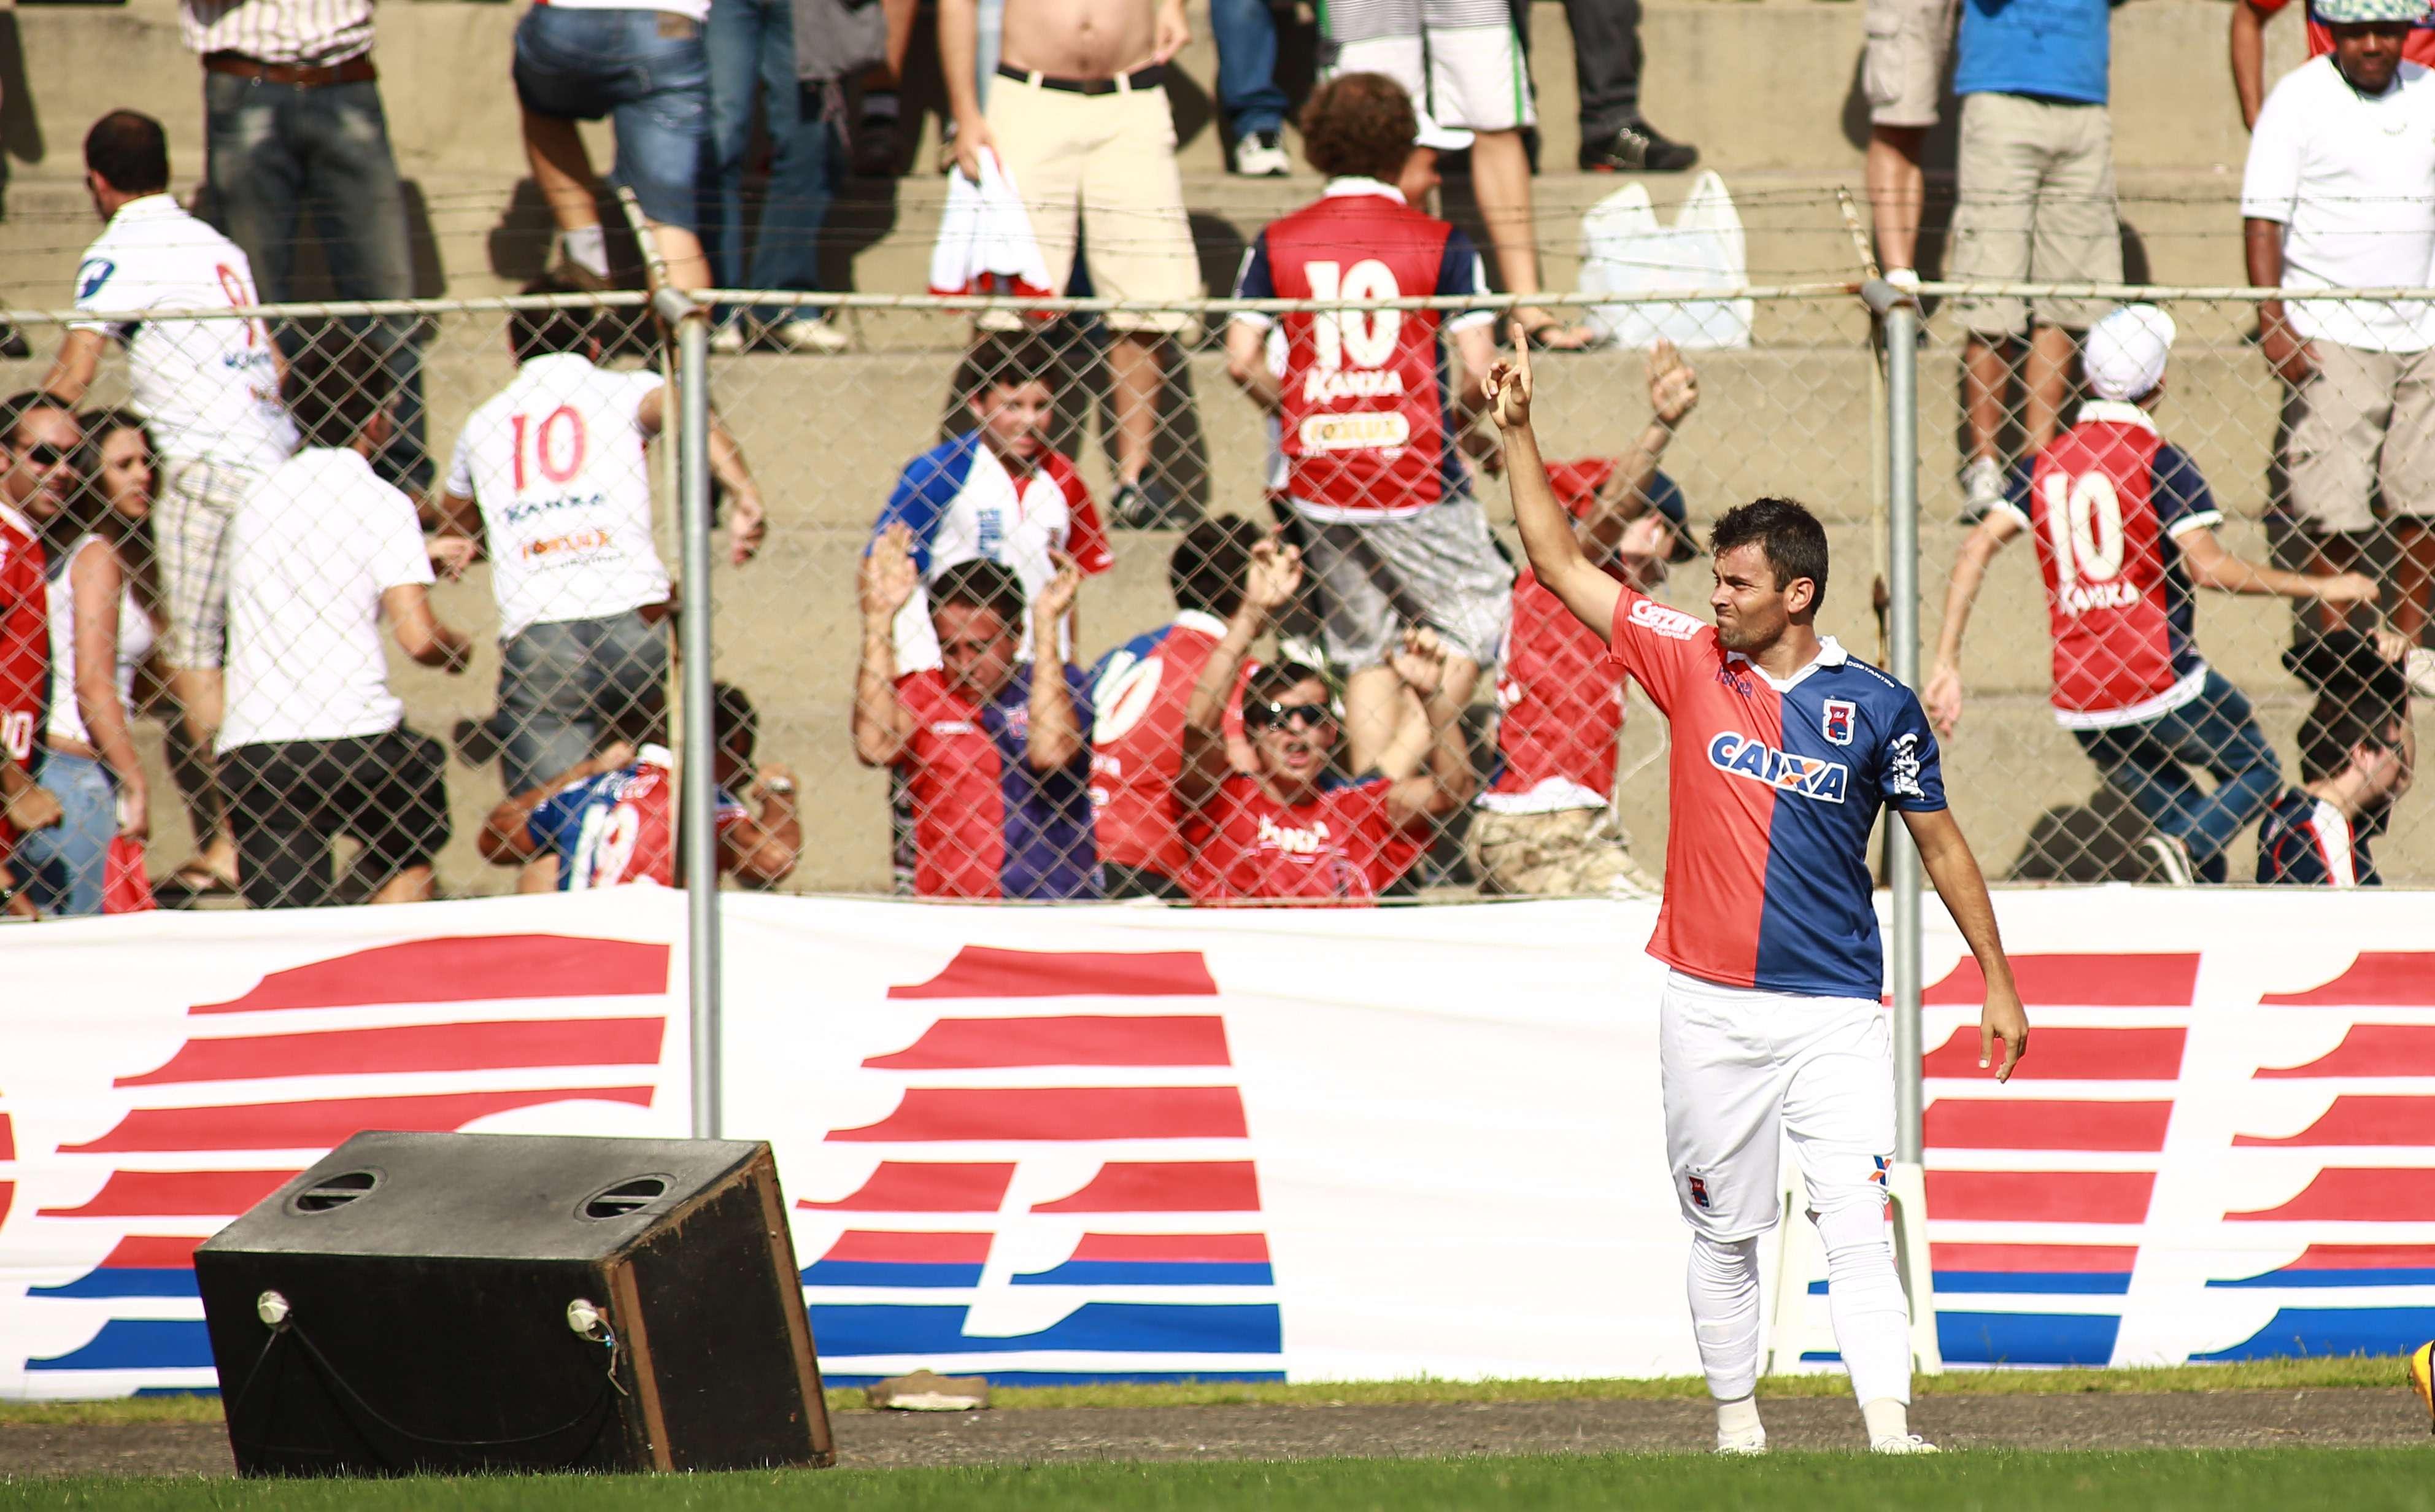 Centroavante Giancarlo fez três dos quatro gols da partida Foto: Giuliano Gomes/Gazeta Press